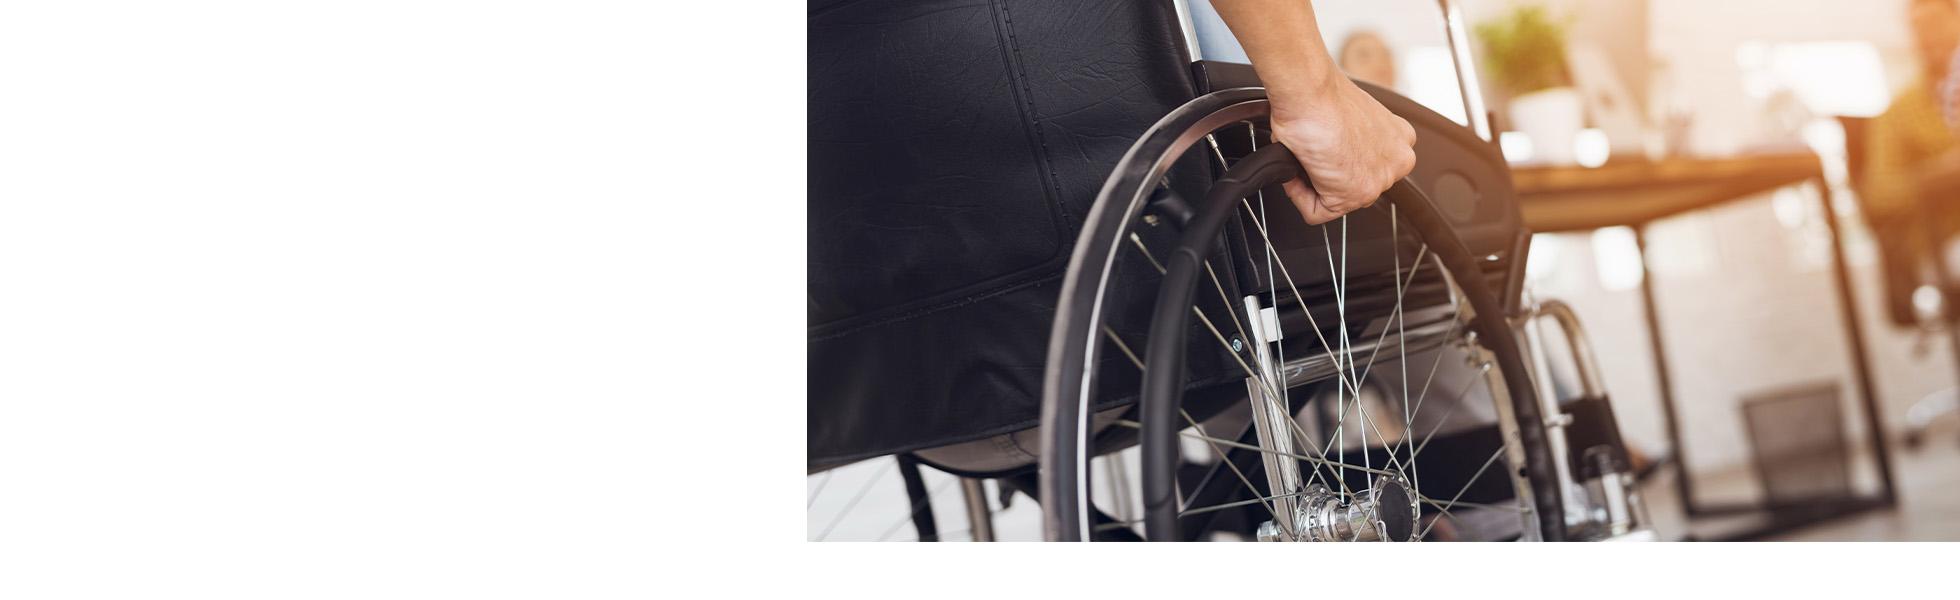 background image for MedcomBlog